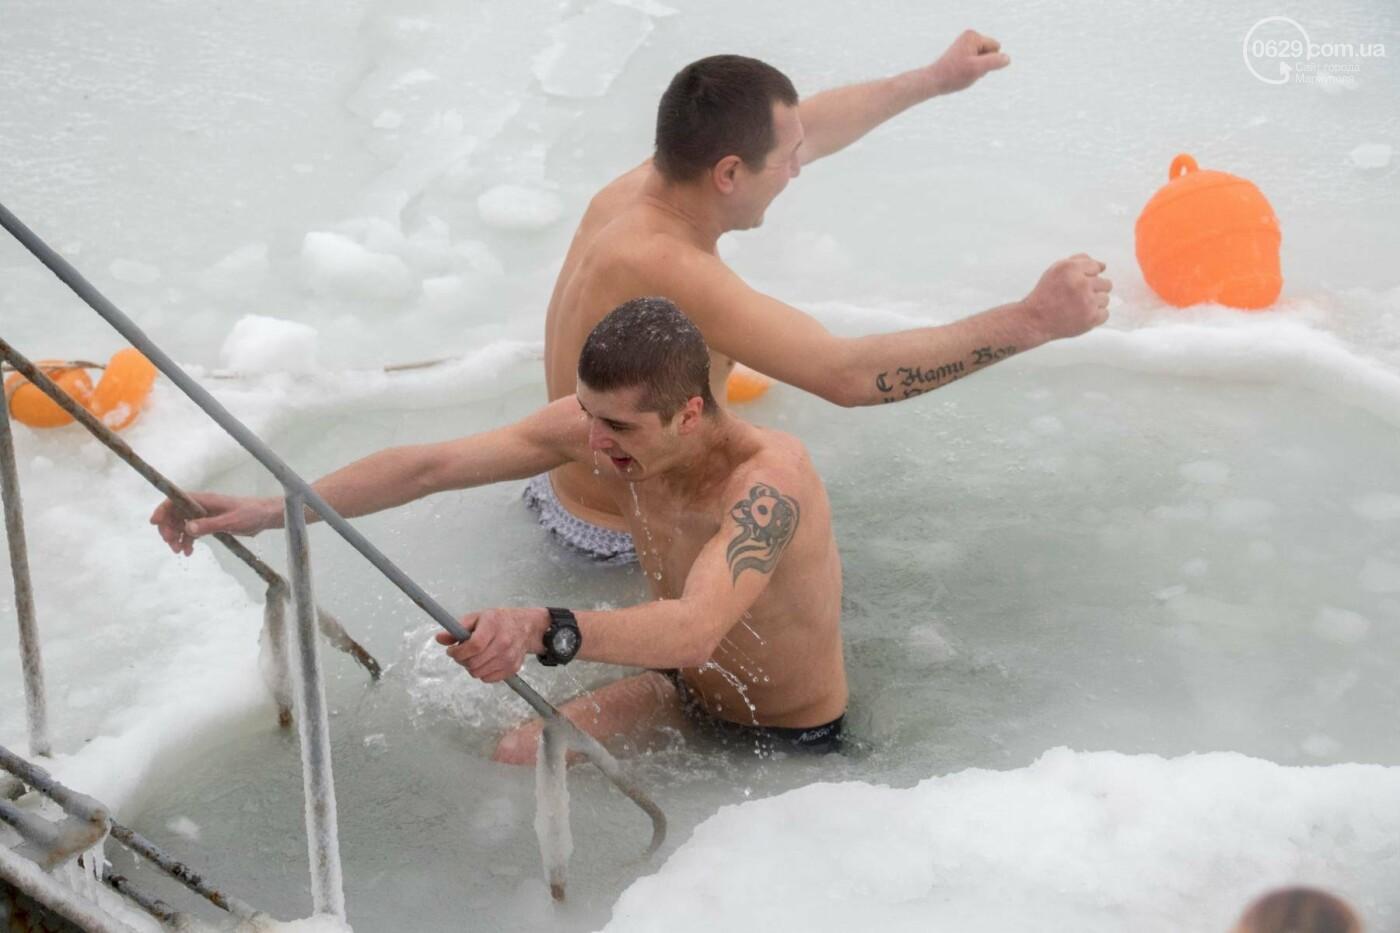 Голые и освященные: крещенский фоторепортаж 0629.com.ua, фото-13